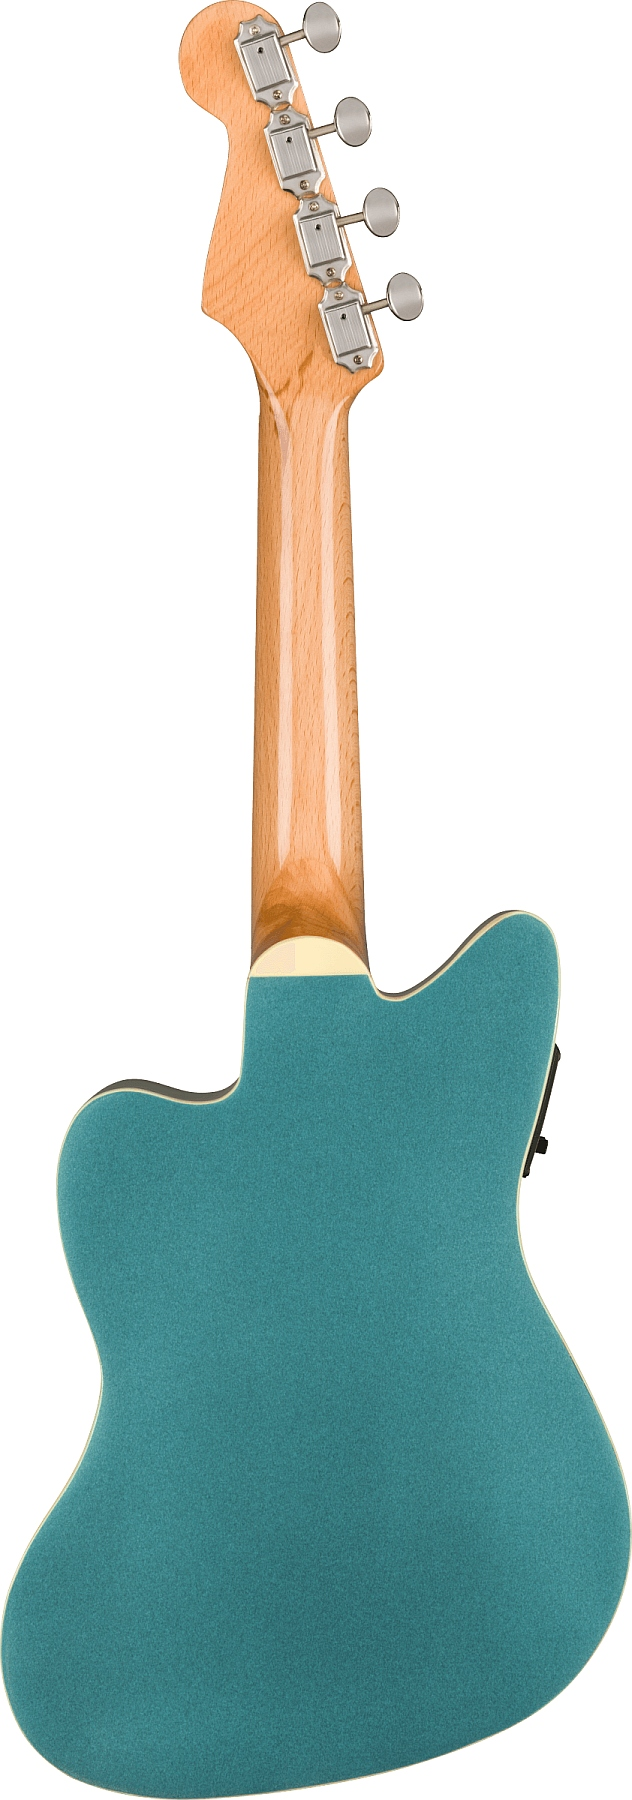 Fender Fullerton Jazzmaster Ukulele Tidepool